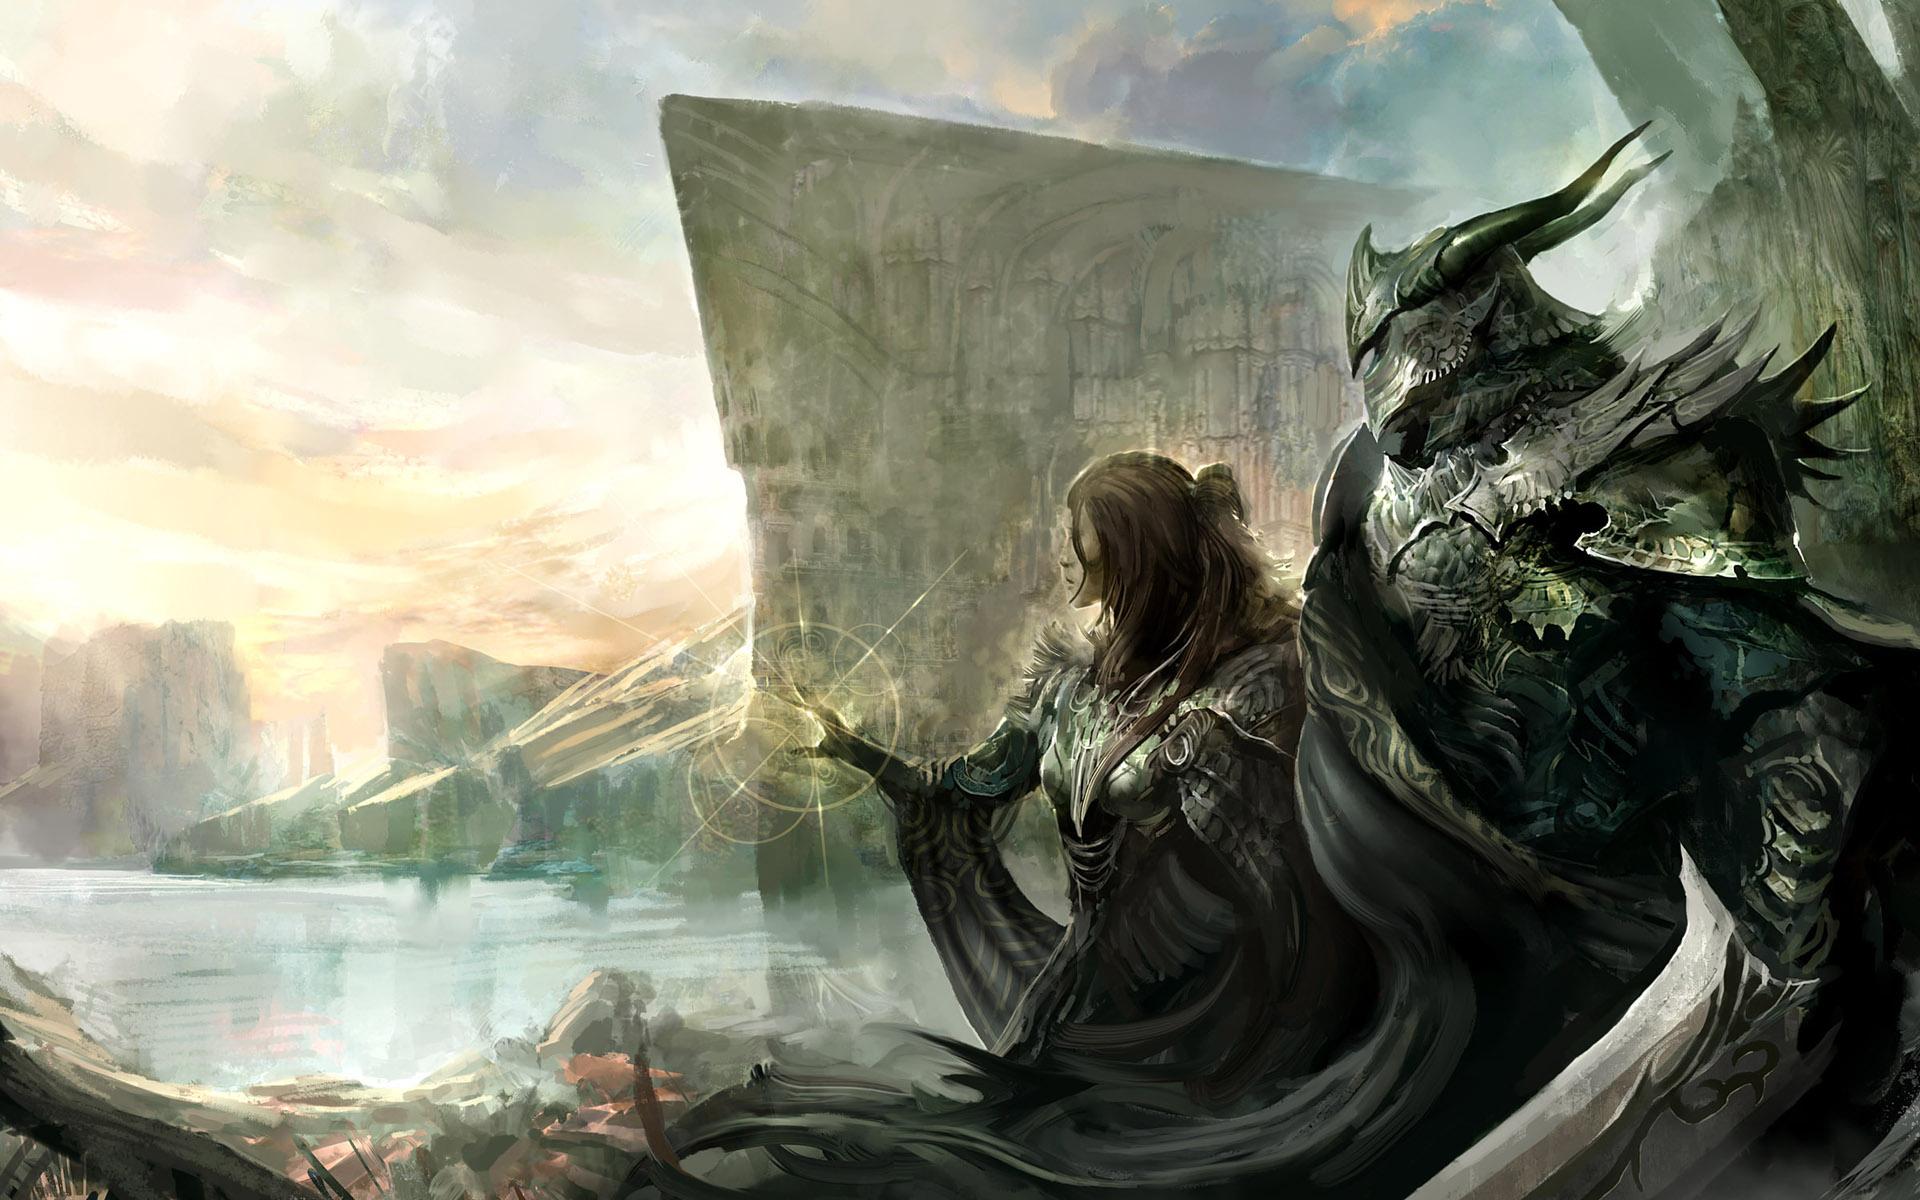 или картинки воинов фэнтези с маленьким разрешением последние